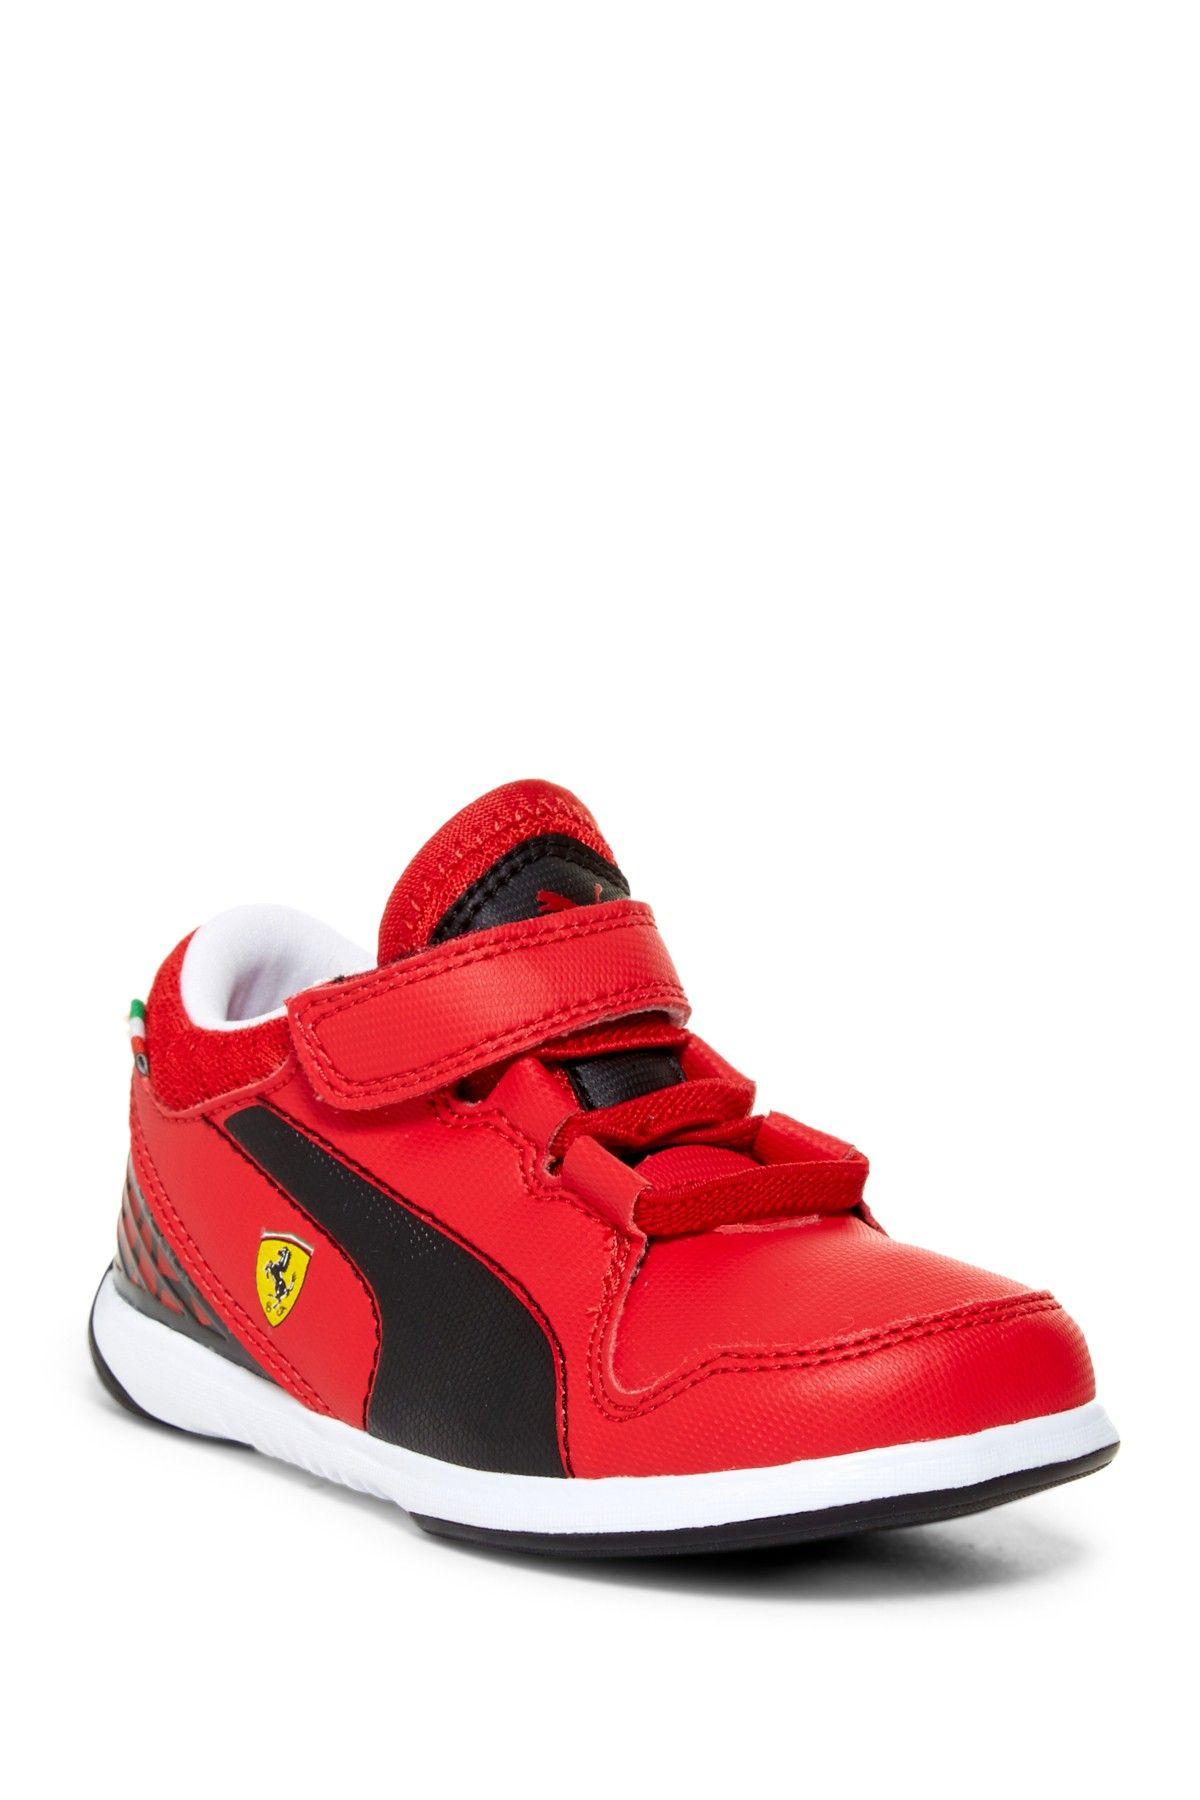 Valorosso SF Sneaker (Toddler & Little Kid)